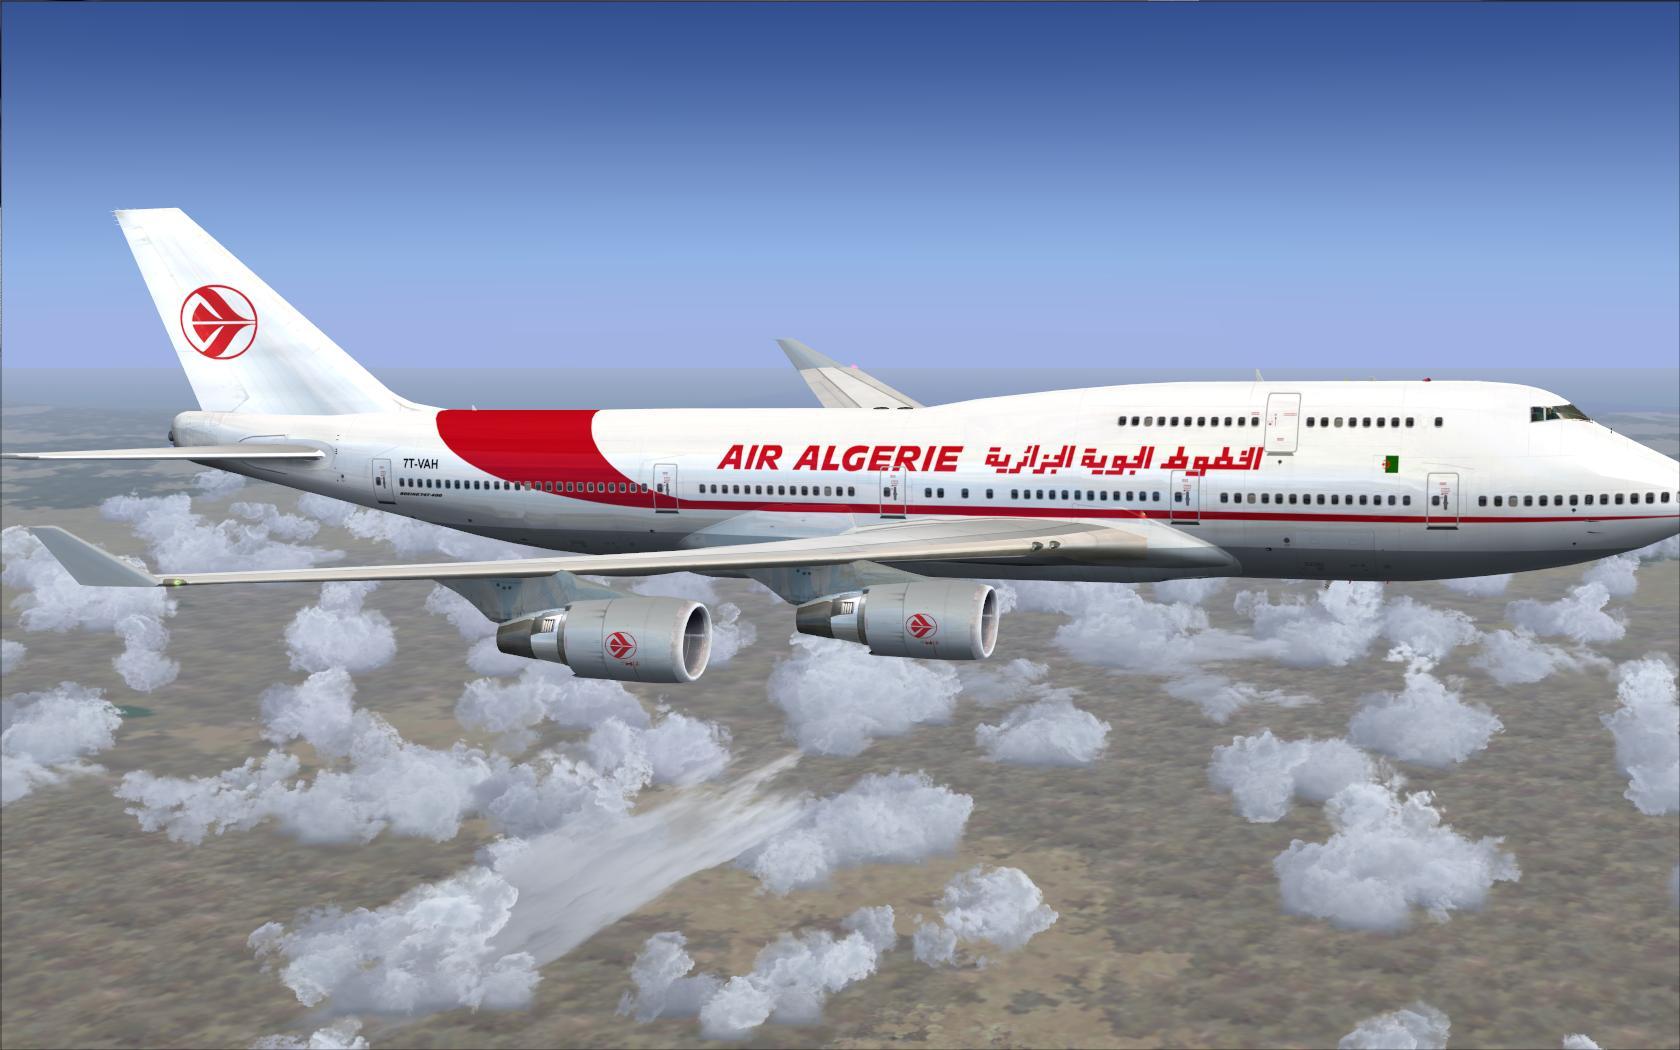 نجاة أزيد من 140 مسافرا إثر إنفجار محرك طائرة جزائرية